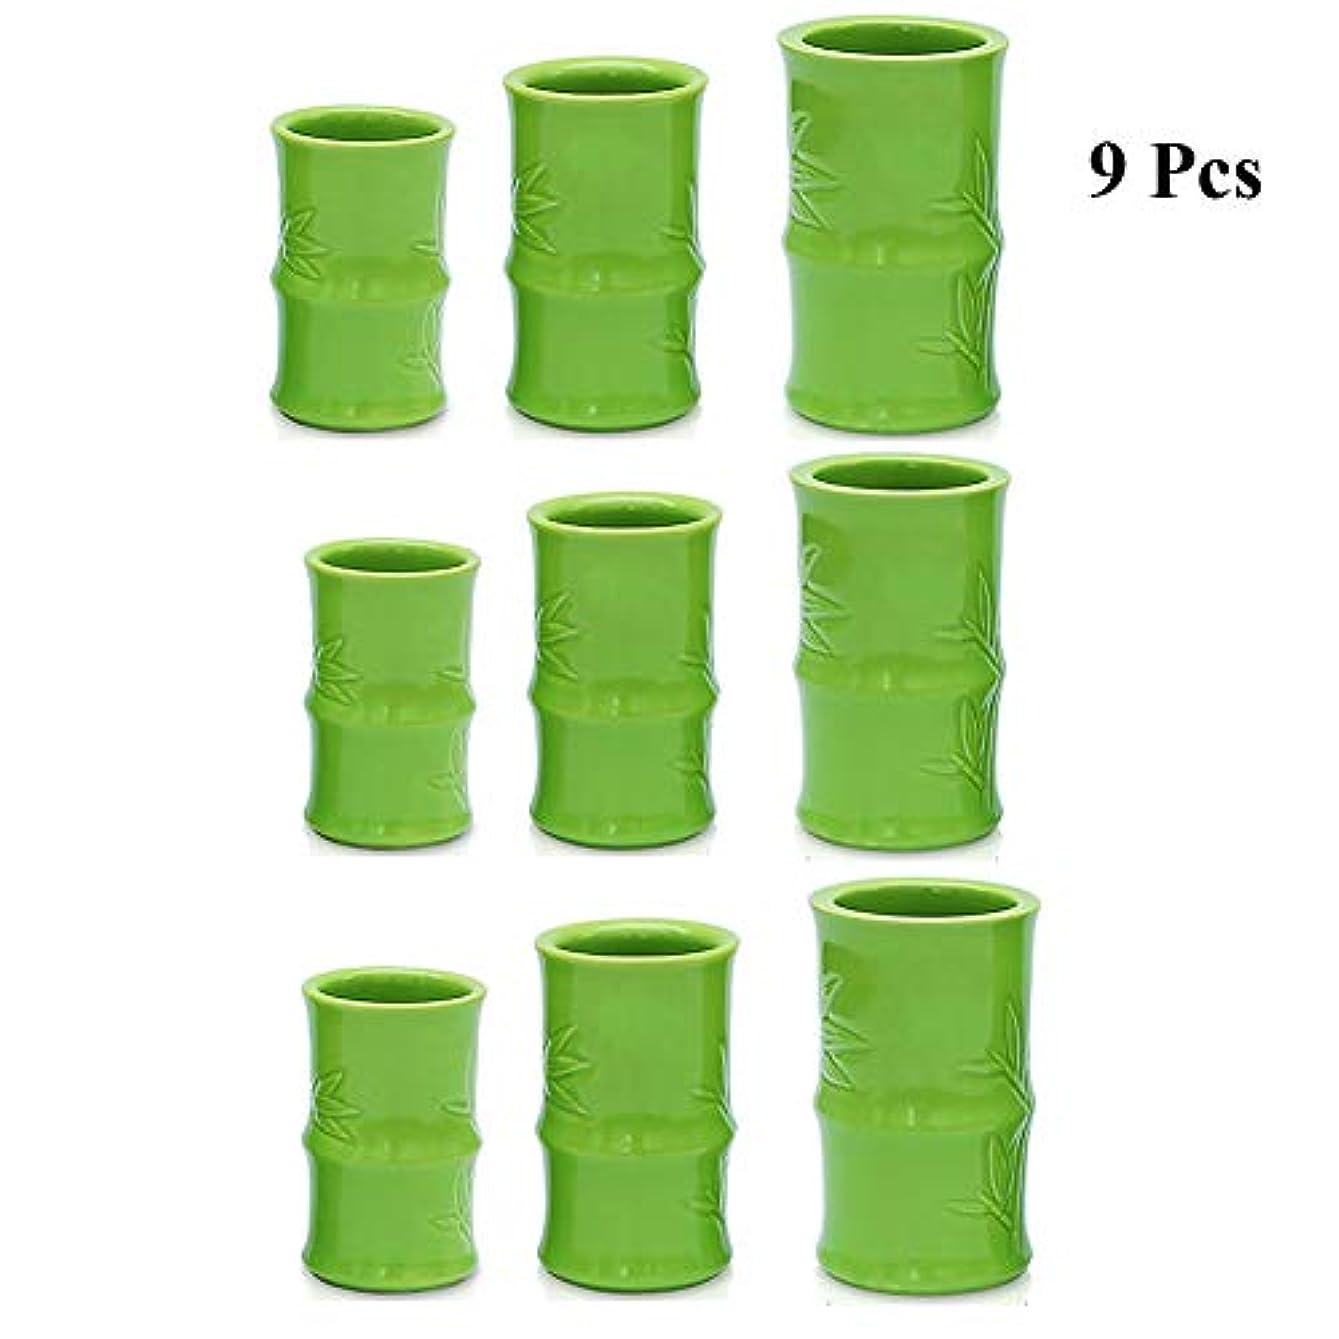 本気獲物形成真空カッピングマッサージ缶 - セラミックスポットセラピーセット - 鍼ボディセラピーセット,C9pcs